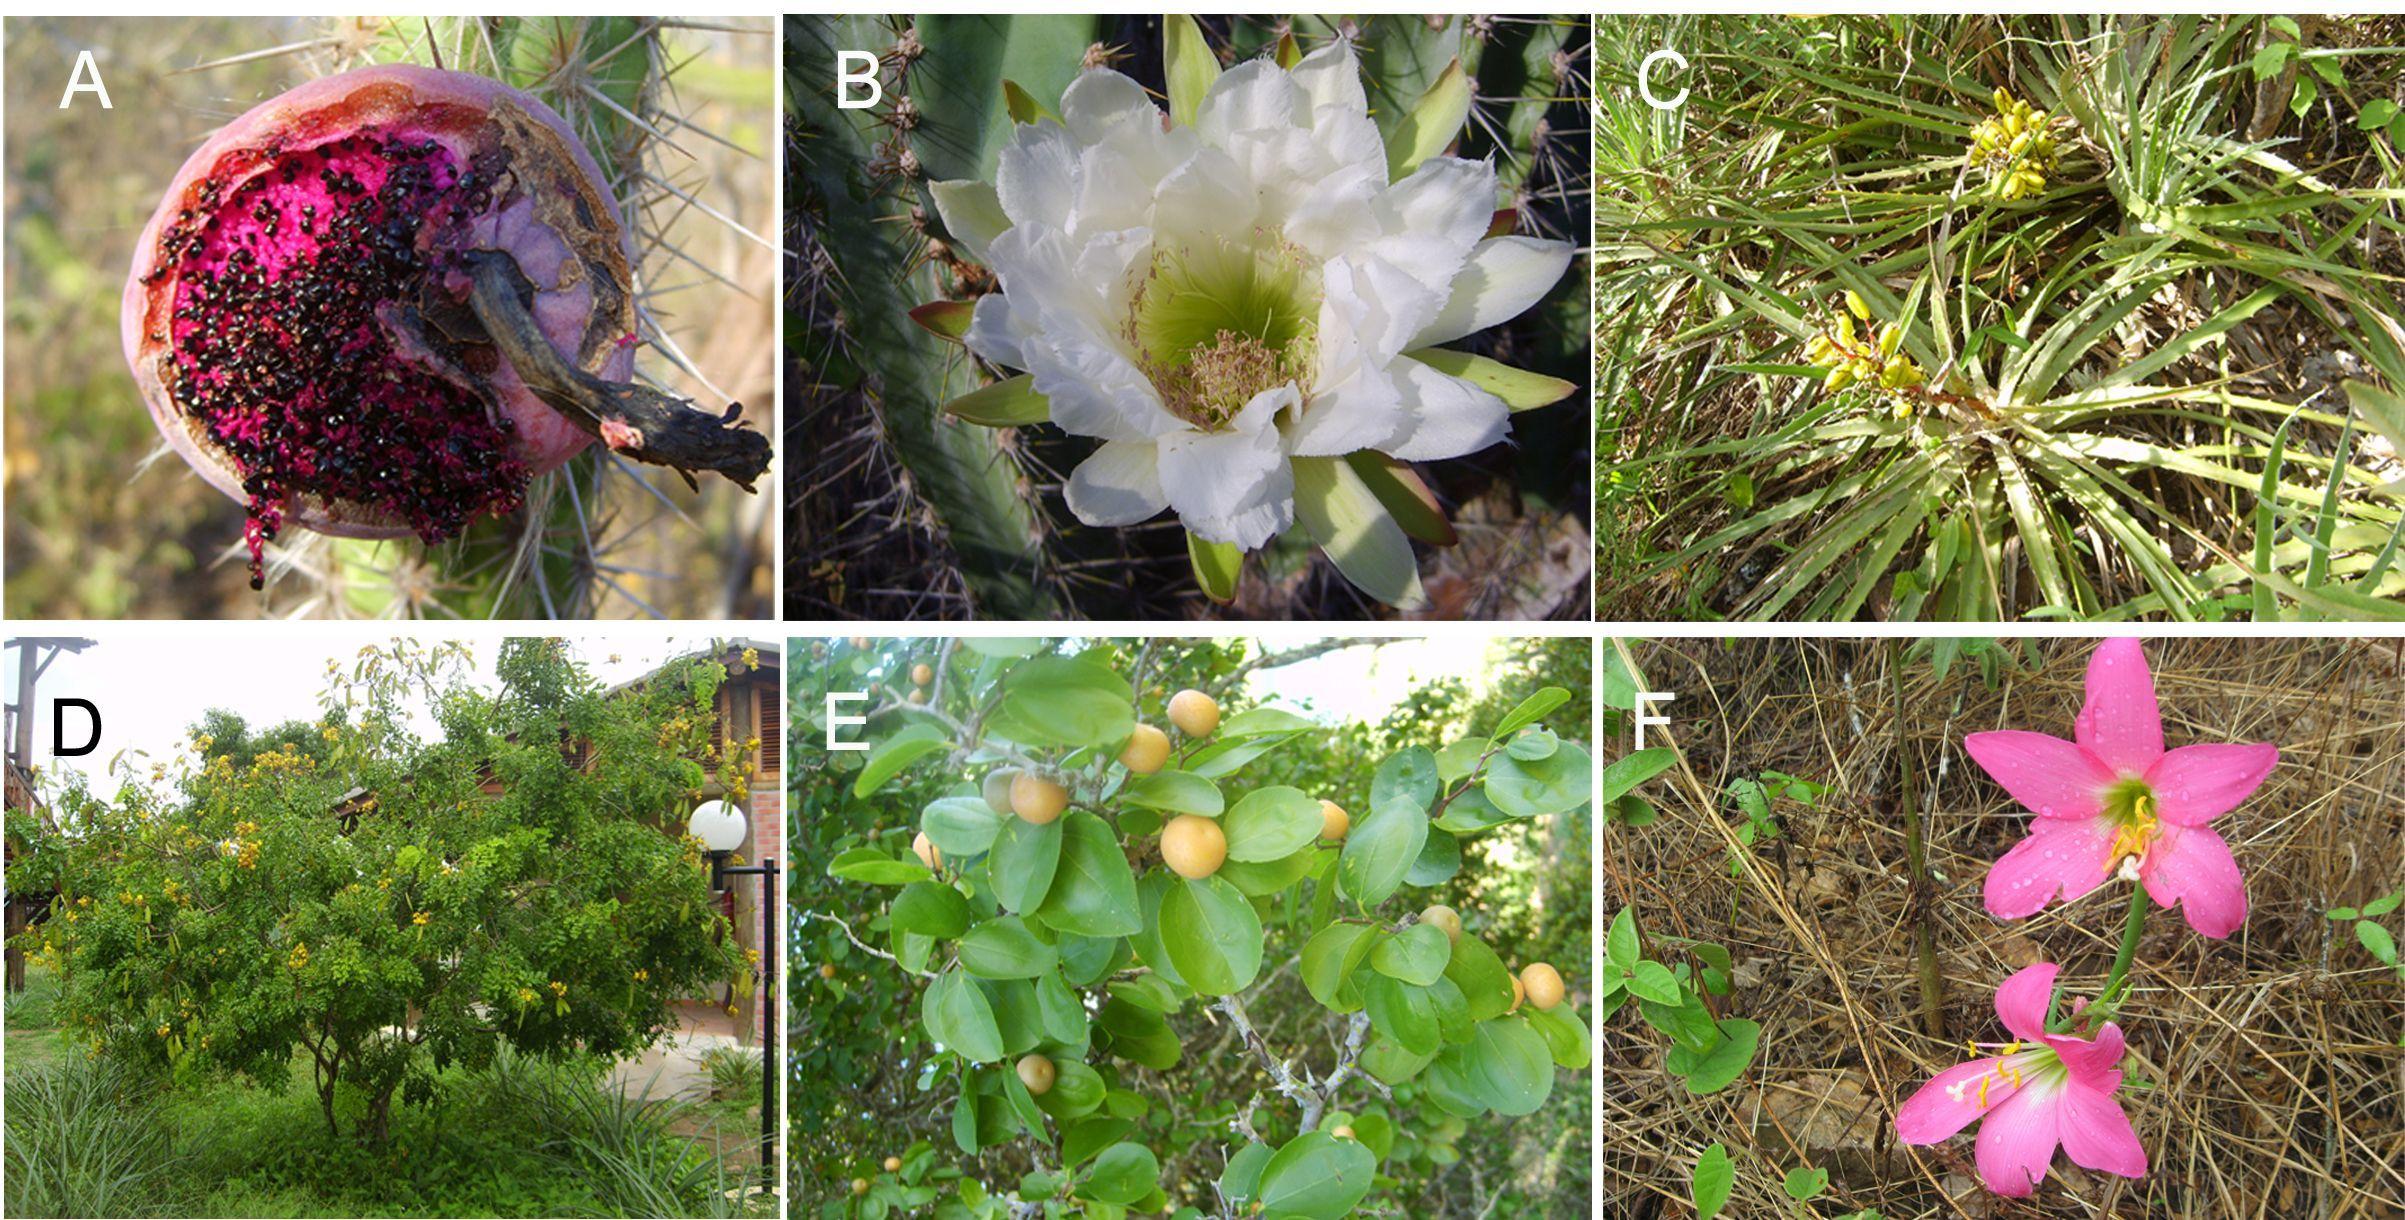 Figura 3. Plantas da Caatinga. (A) Xique-xique com fruto comestível; (B) A perfumada flor do mandacaru; (C) Moita de macambira-de-preá; (D) A famosa catingueira; (E) o juazeiro, árvore que permanece com folhas mesmo no período seco; (F) a vistosa herbácea.